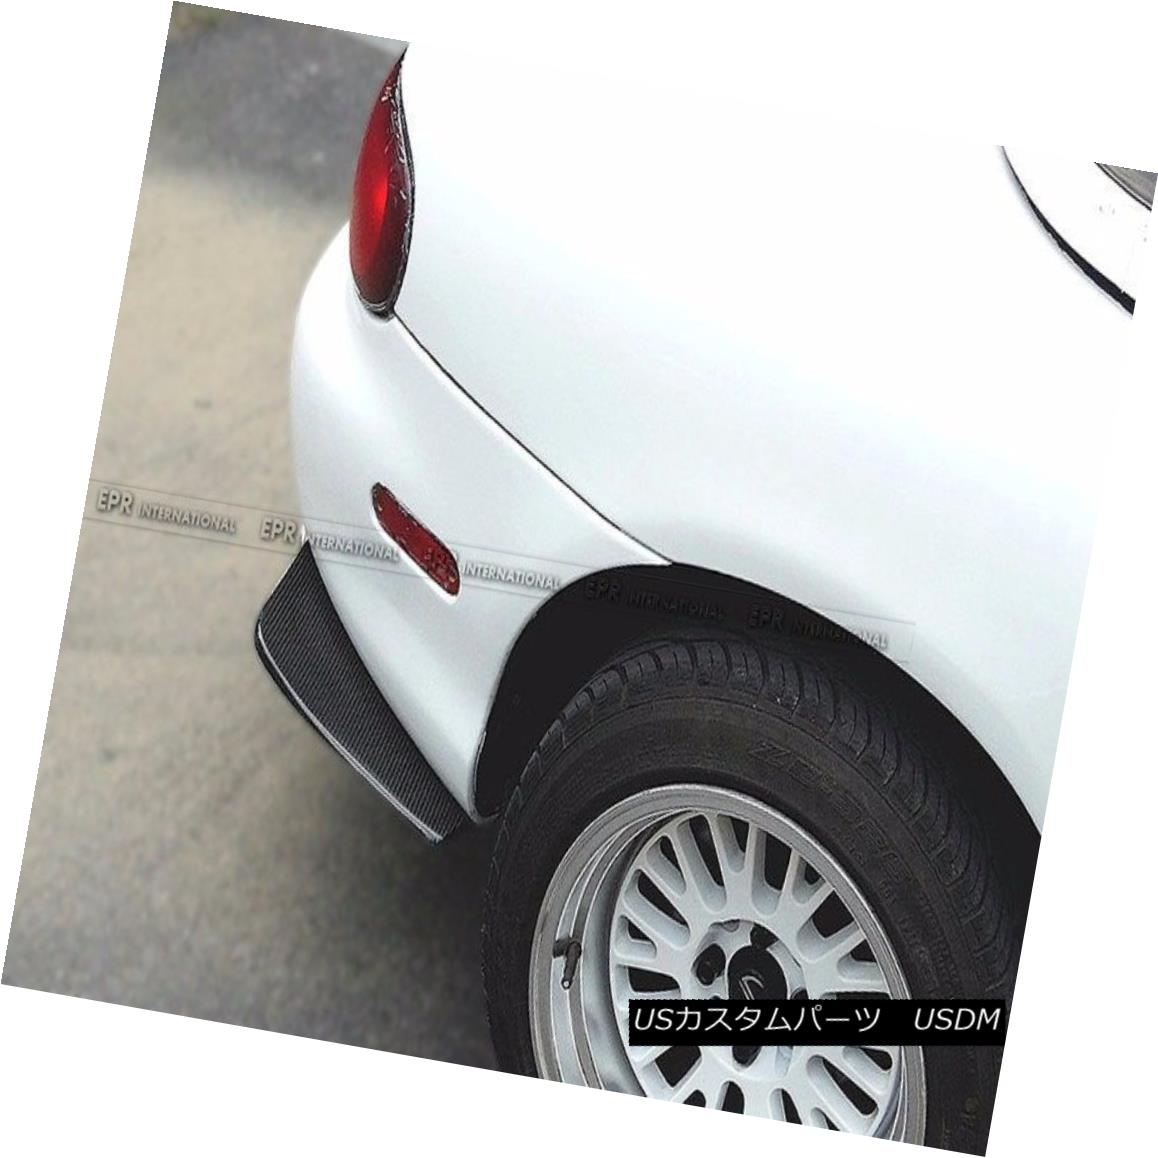 エアロパーツ Carbon Fiber Rear Bumper Spat Splitter Canard Aero Kit For Mazda MX5 Miata NB カーボンファイバーリアバンパースパッツスプリッター、マツダMX5 Miata NB用エアロキット